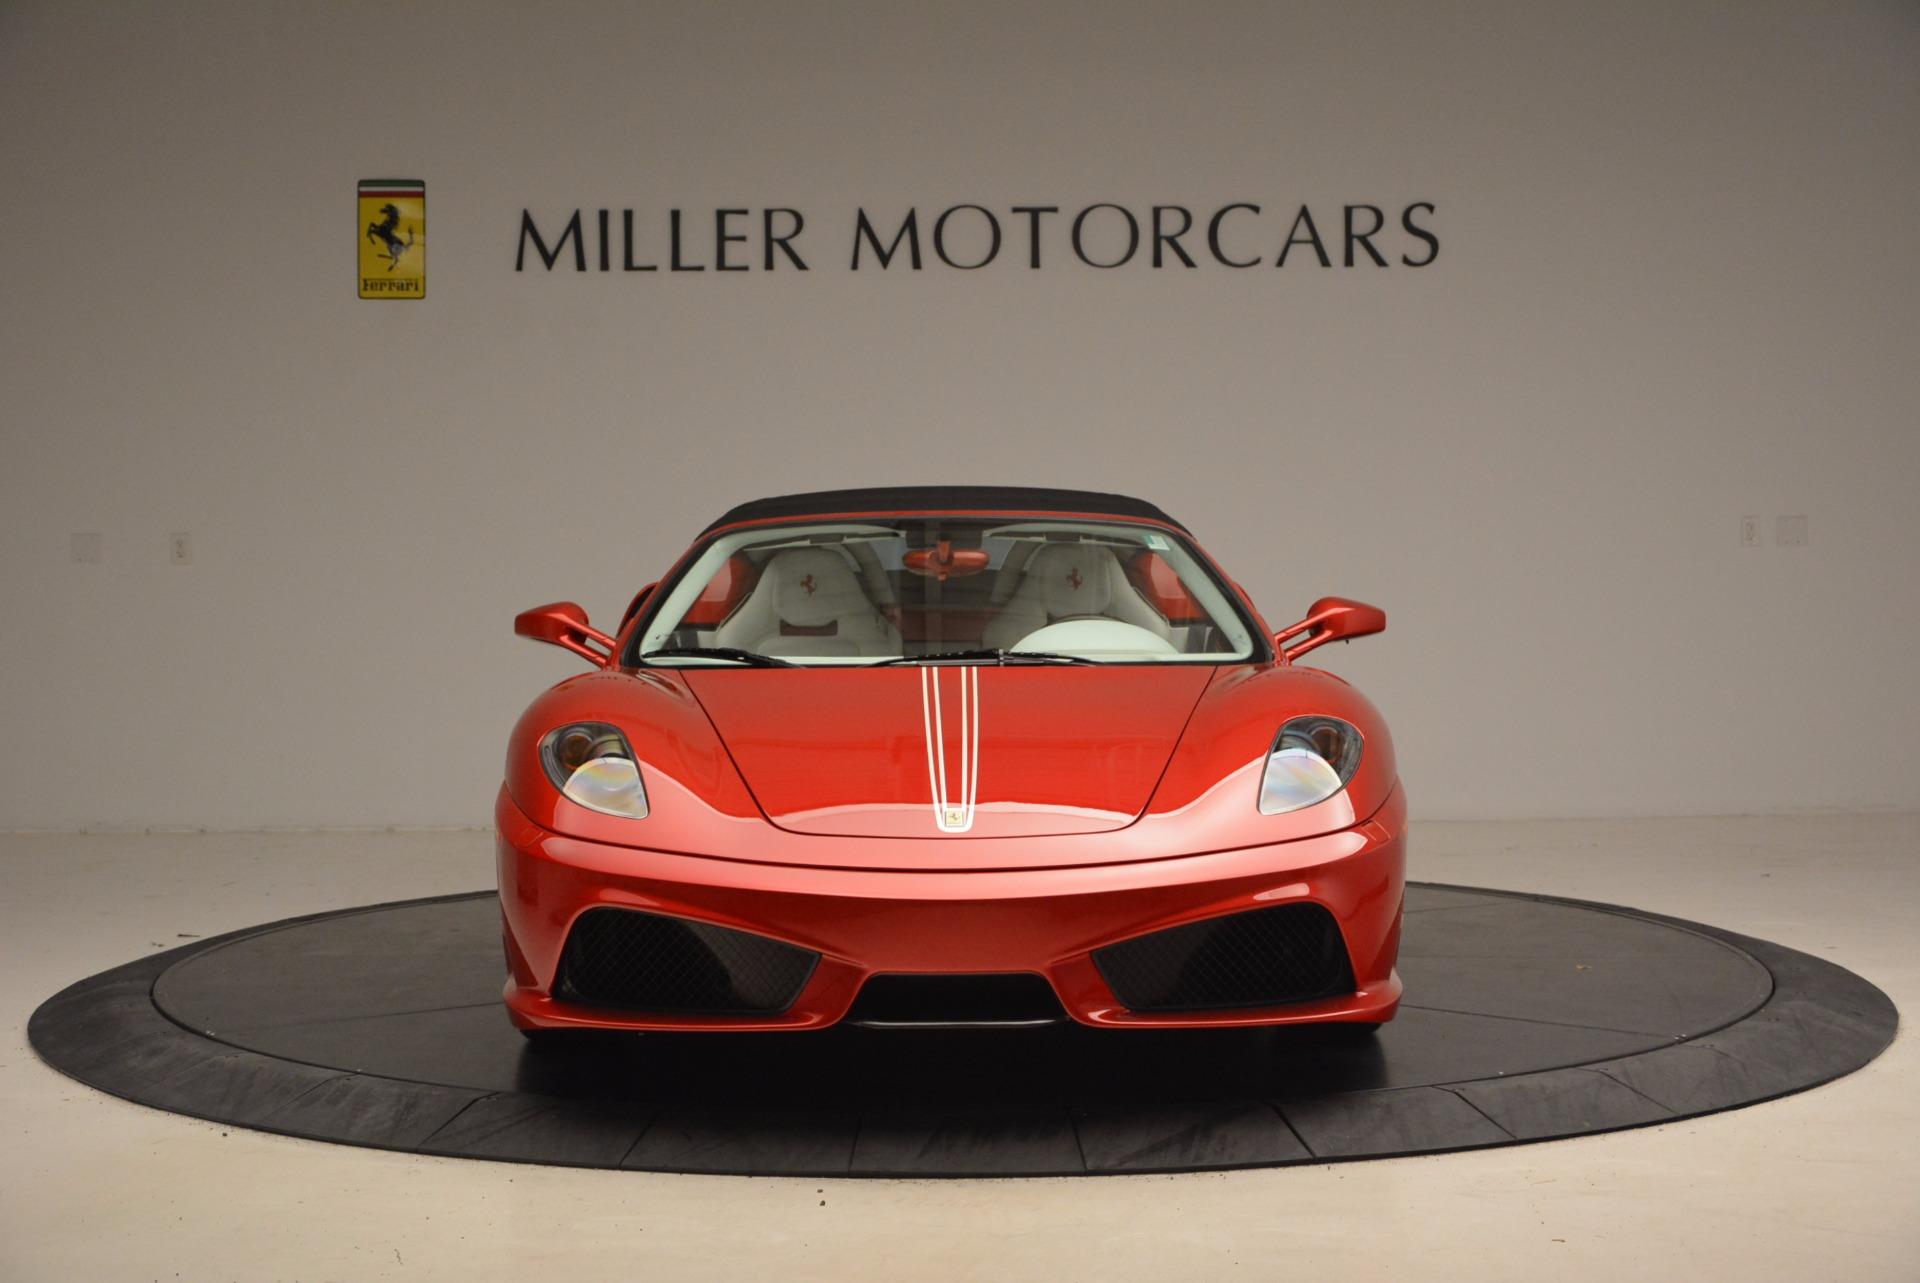 Used 2009 Ferrari F430 Scuderia 16M For Sale In Greenwich, CT. Alfa Romeo of Greenwich, 4404 1398_p24